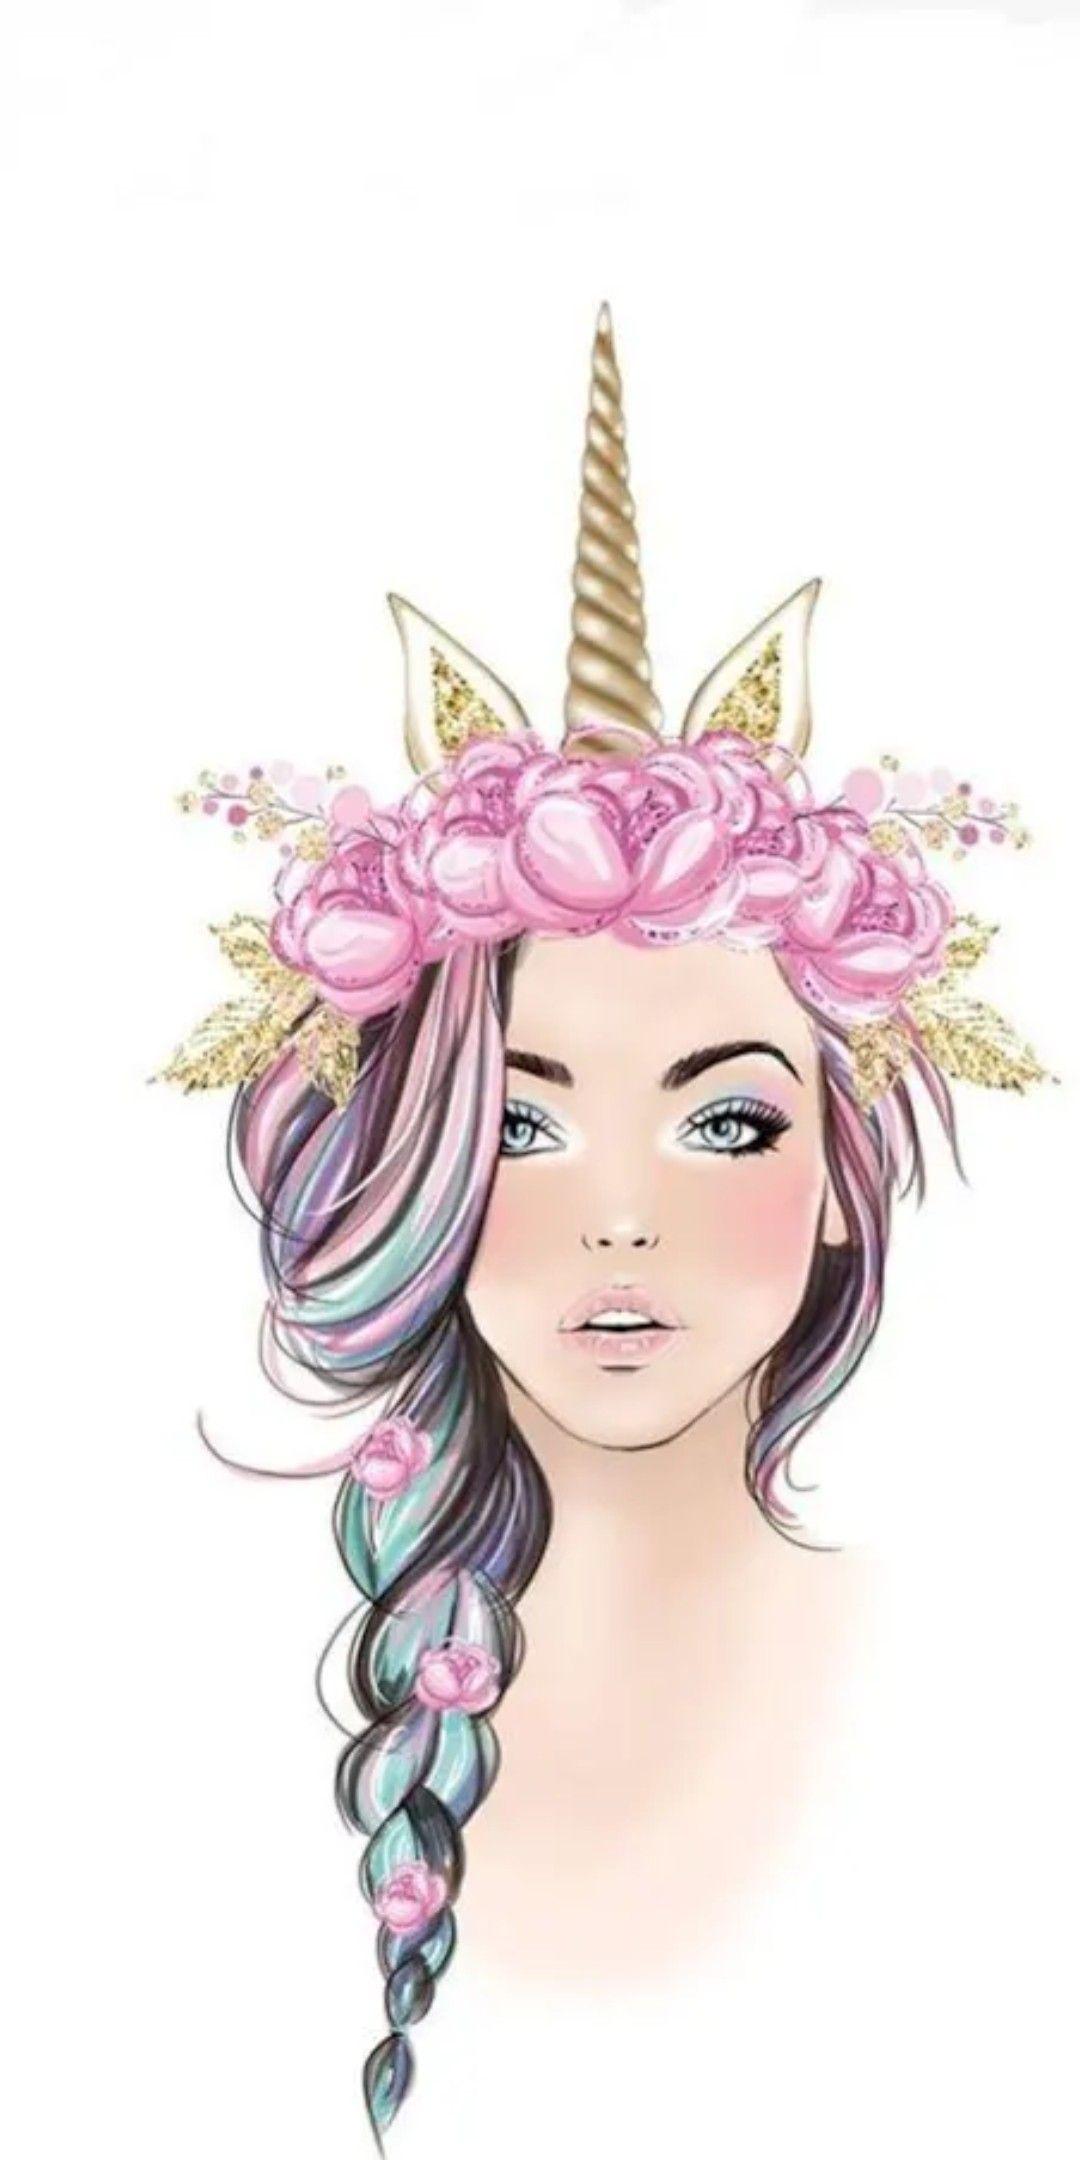 Unicorn Girl Unicorn Wallpaper Cute Unicorn Pictures Unicorn Wallpaper